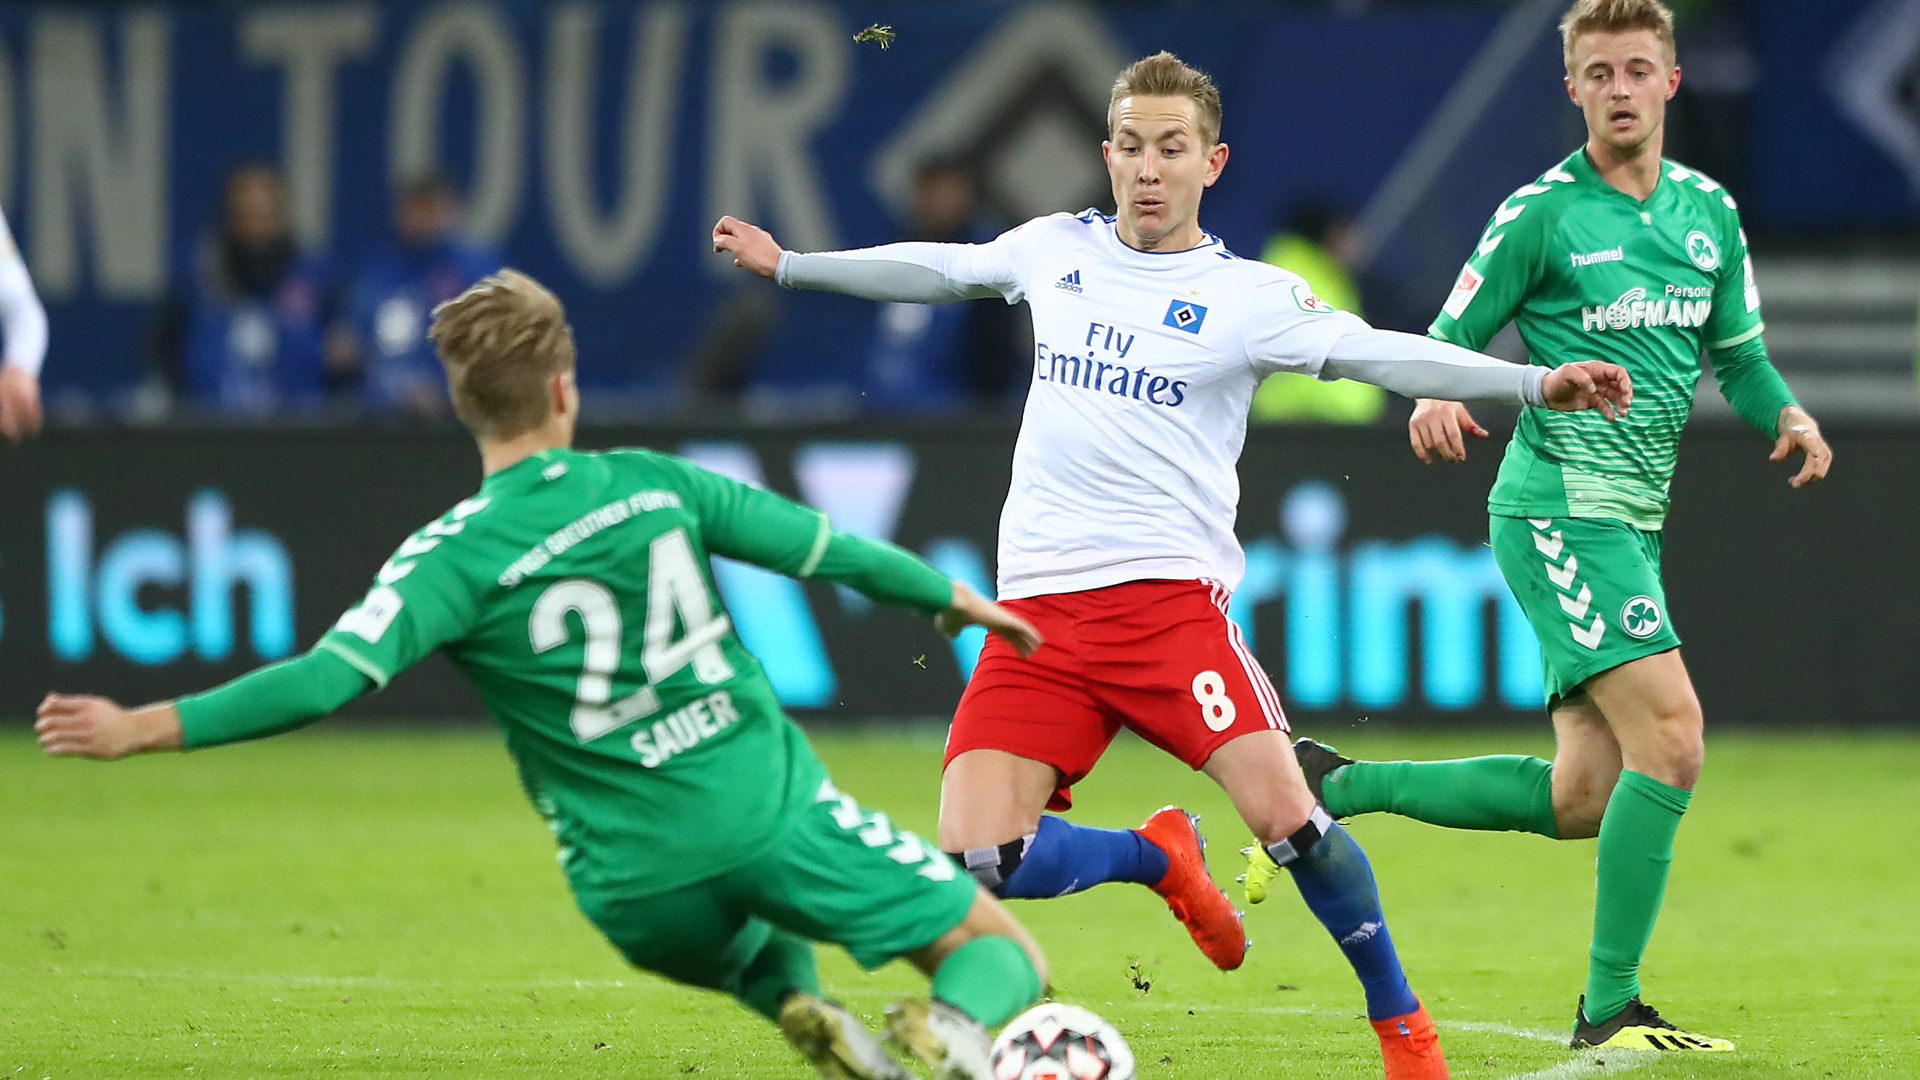 Hsv Vs Werder Bremen Live Stream